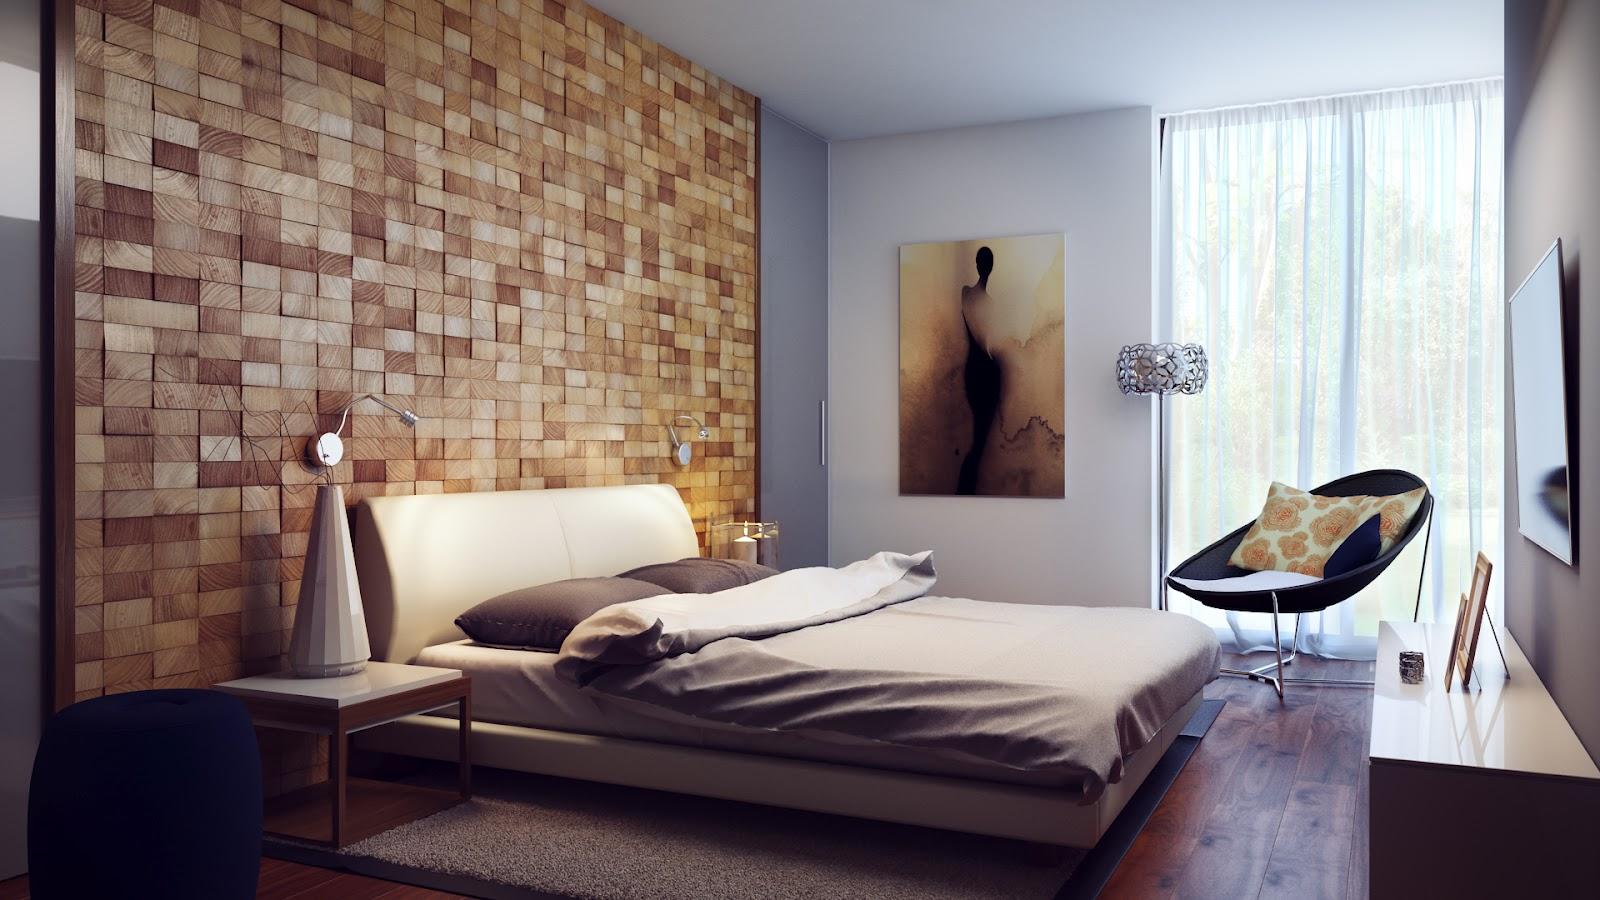 Дизайн стены в квартире